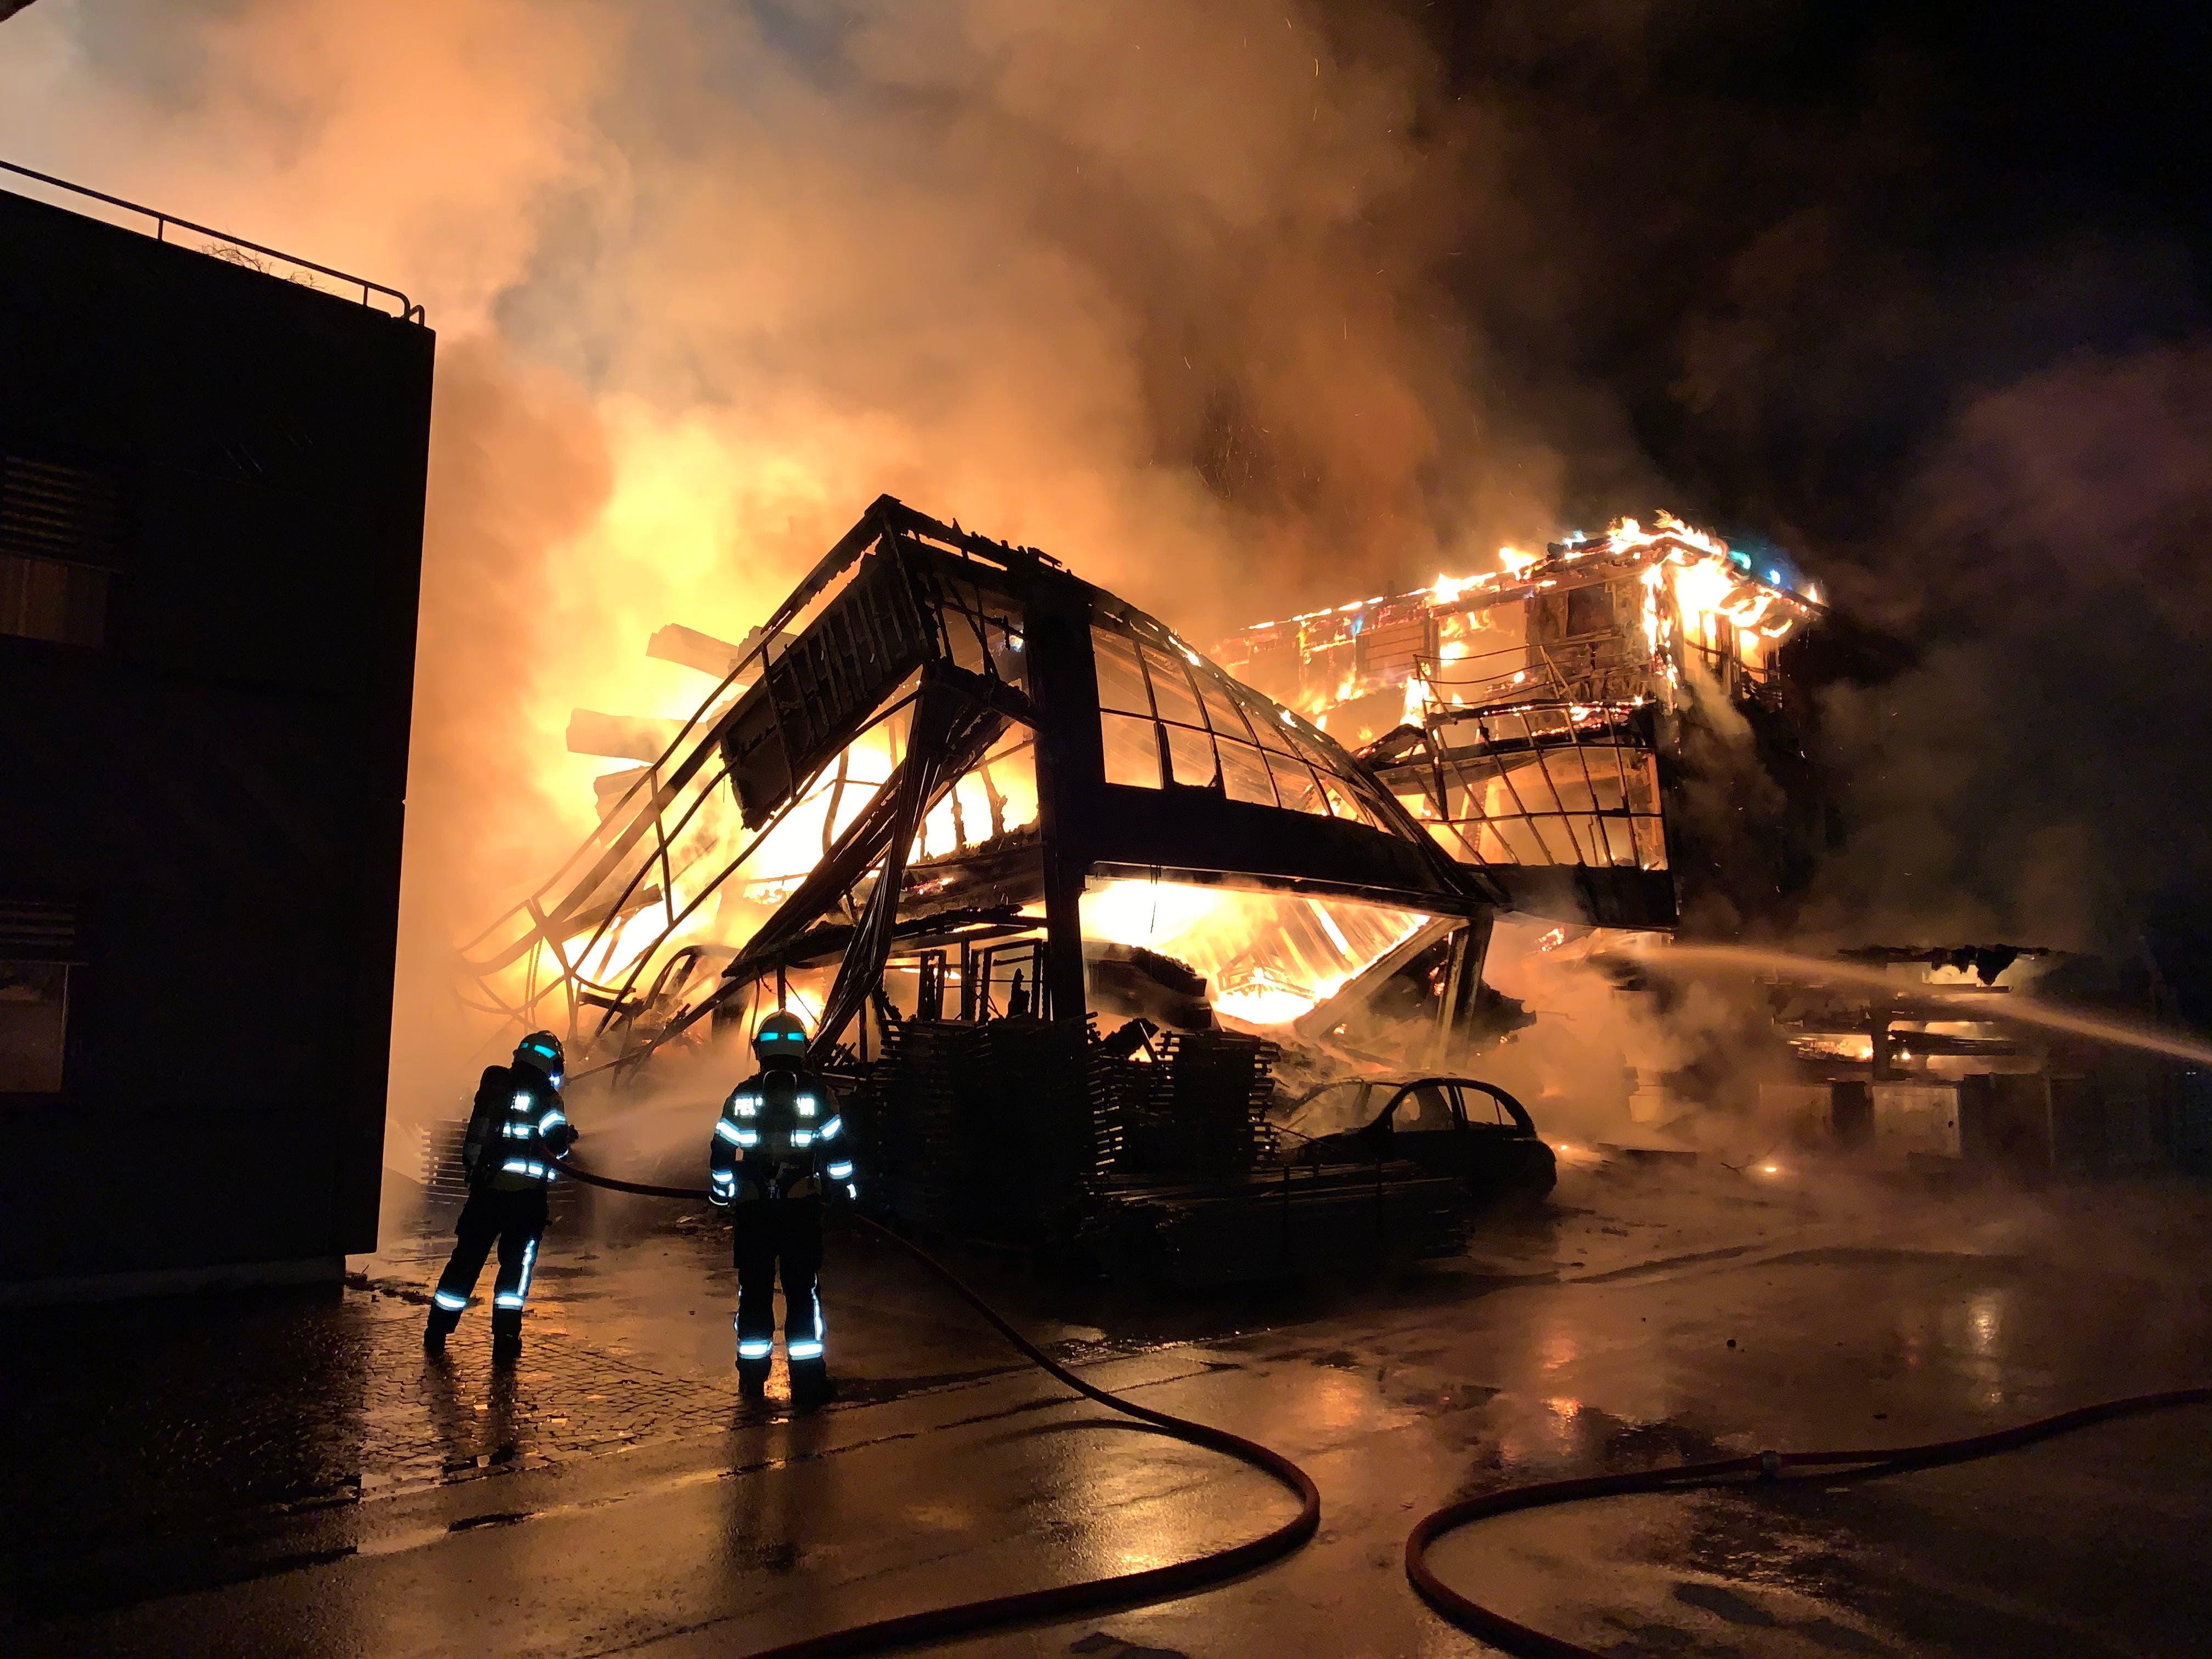 In der Nacht auf Donnerstag stand eine Appenzeller Dachdeckerfirma in Flammen. Es entstand hoher Sachschaden von mehreren 100'000 Franken.